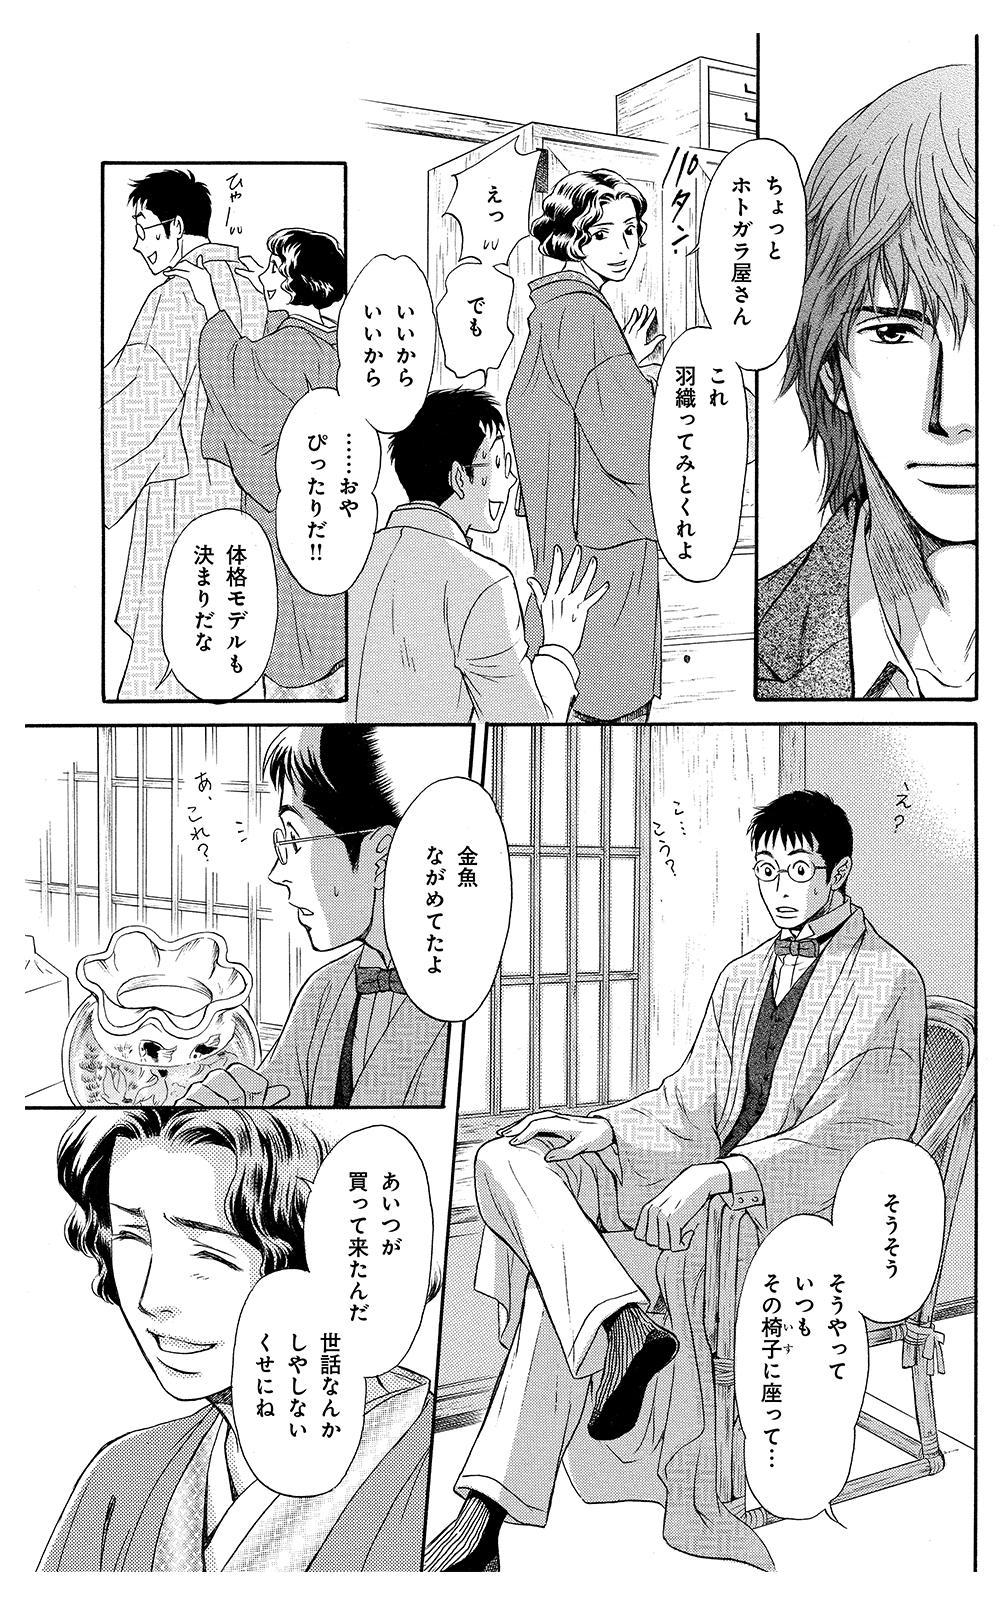 鵼の絵師 第2話「おきみやげ」①nue03-13.jpg